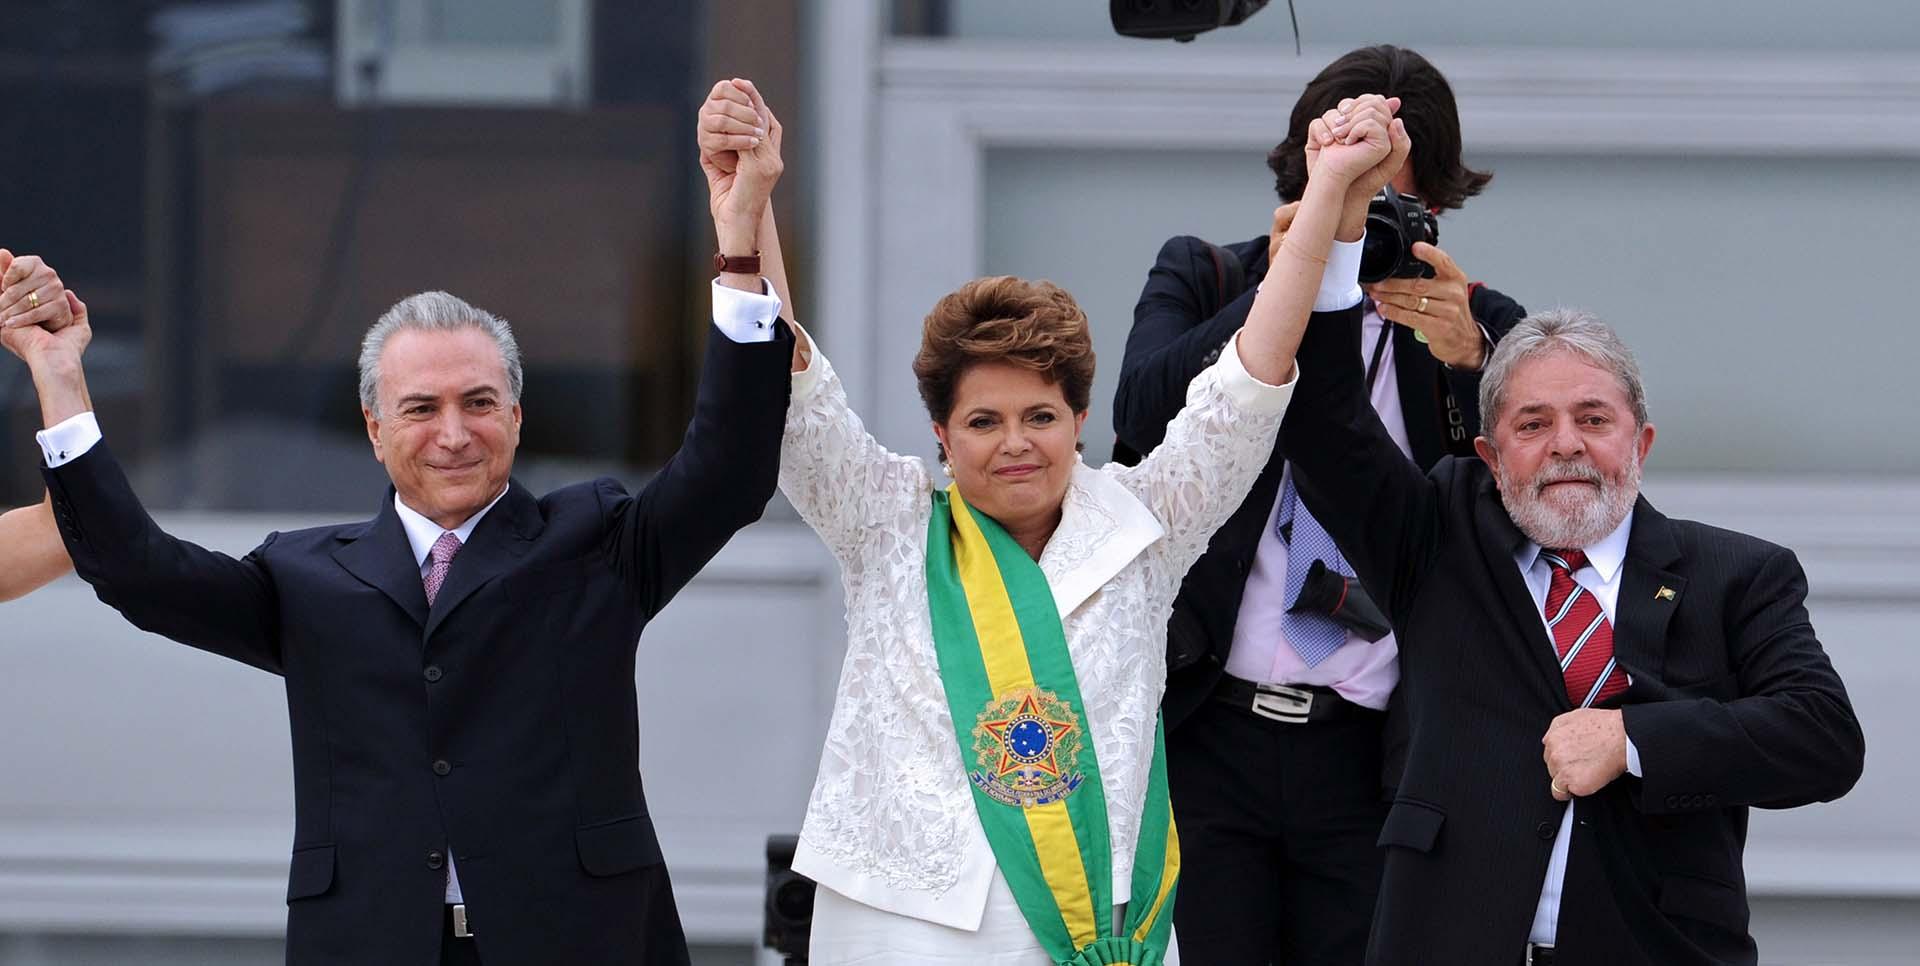 Dilma Rousseff y su vicepresidente, Michel Temer, sucedían a Lula da Silva y José Alencar en la presidencia (AFP Photo/ Evaristo SA)